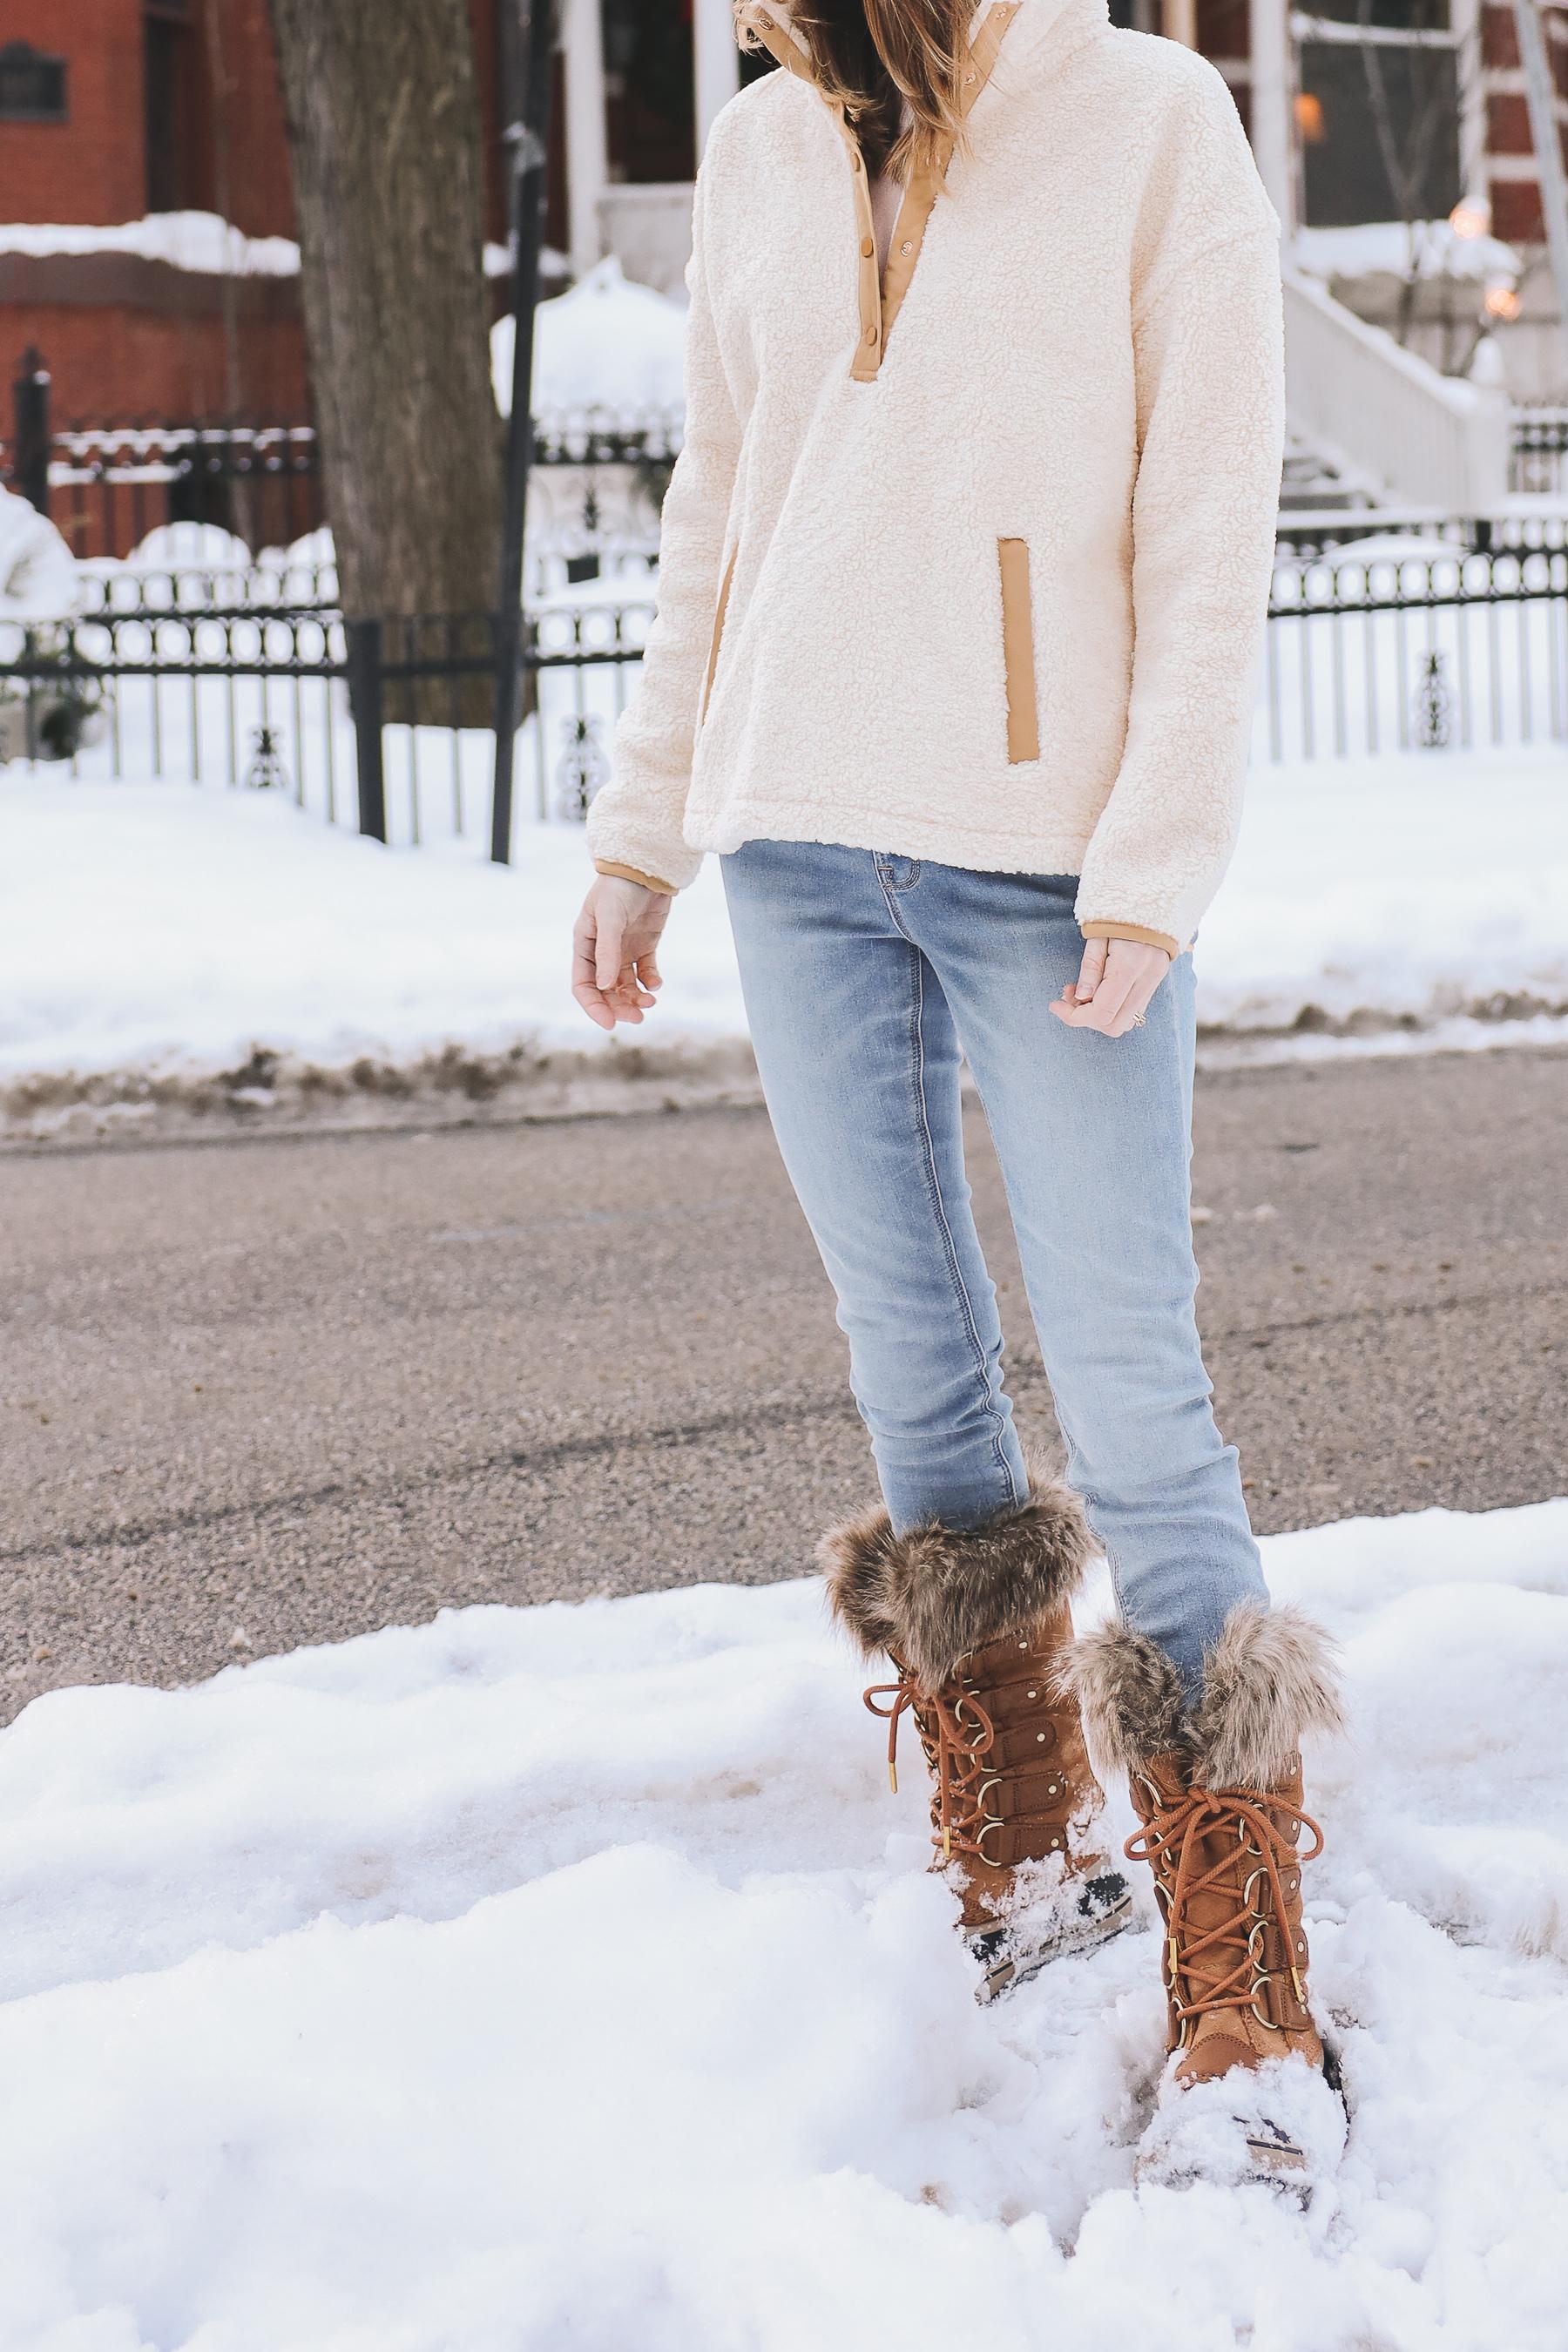 Fleece winter outfit idea